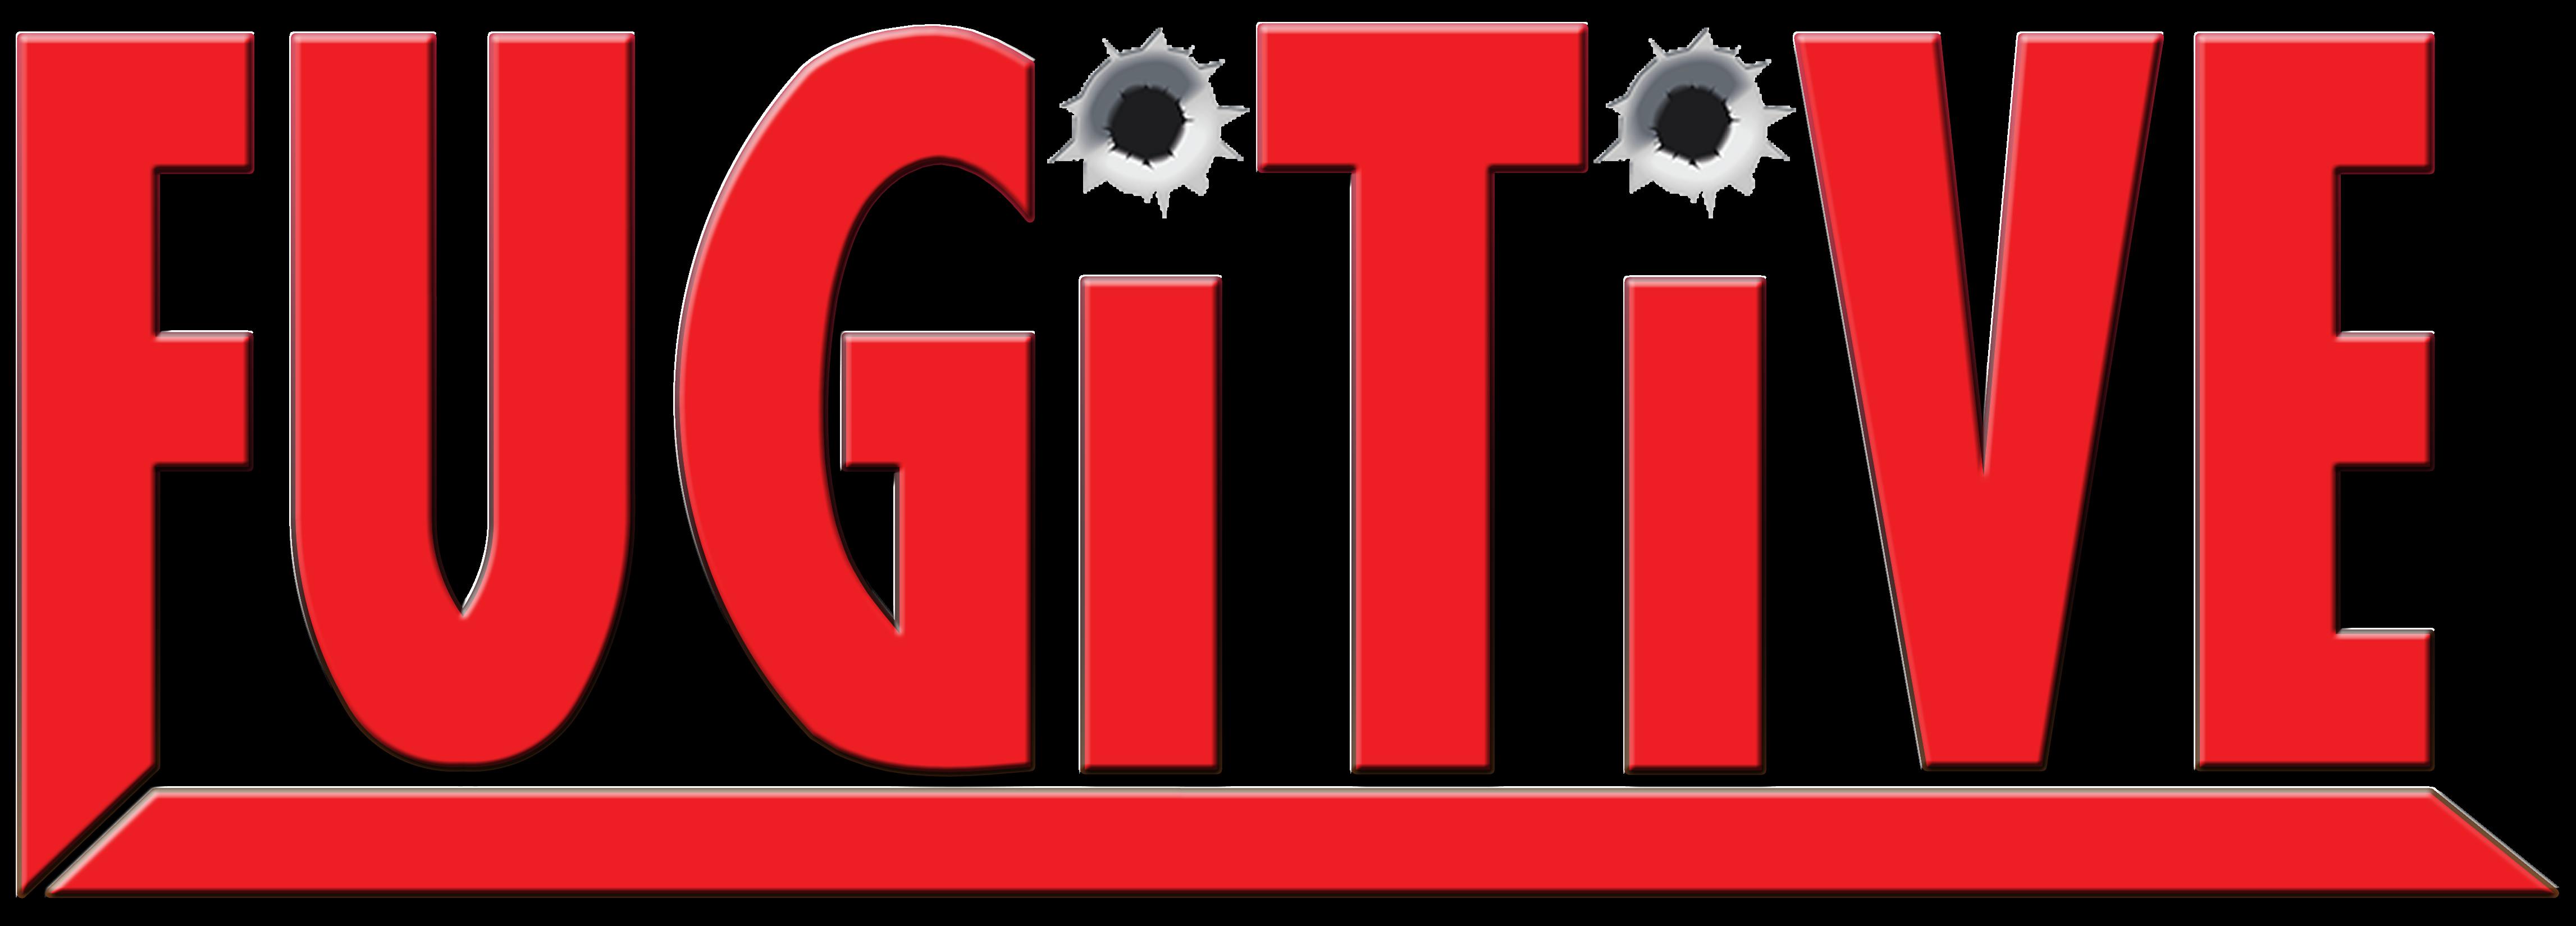 Fugitive logo